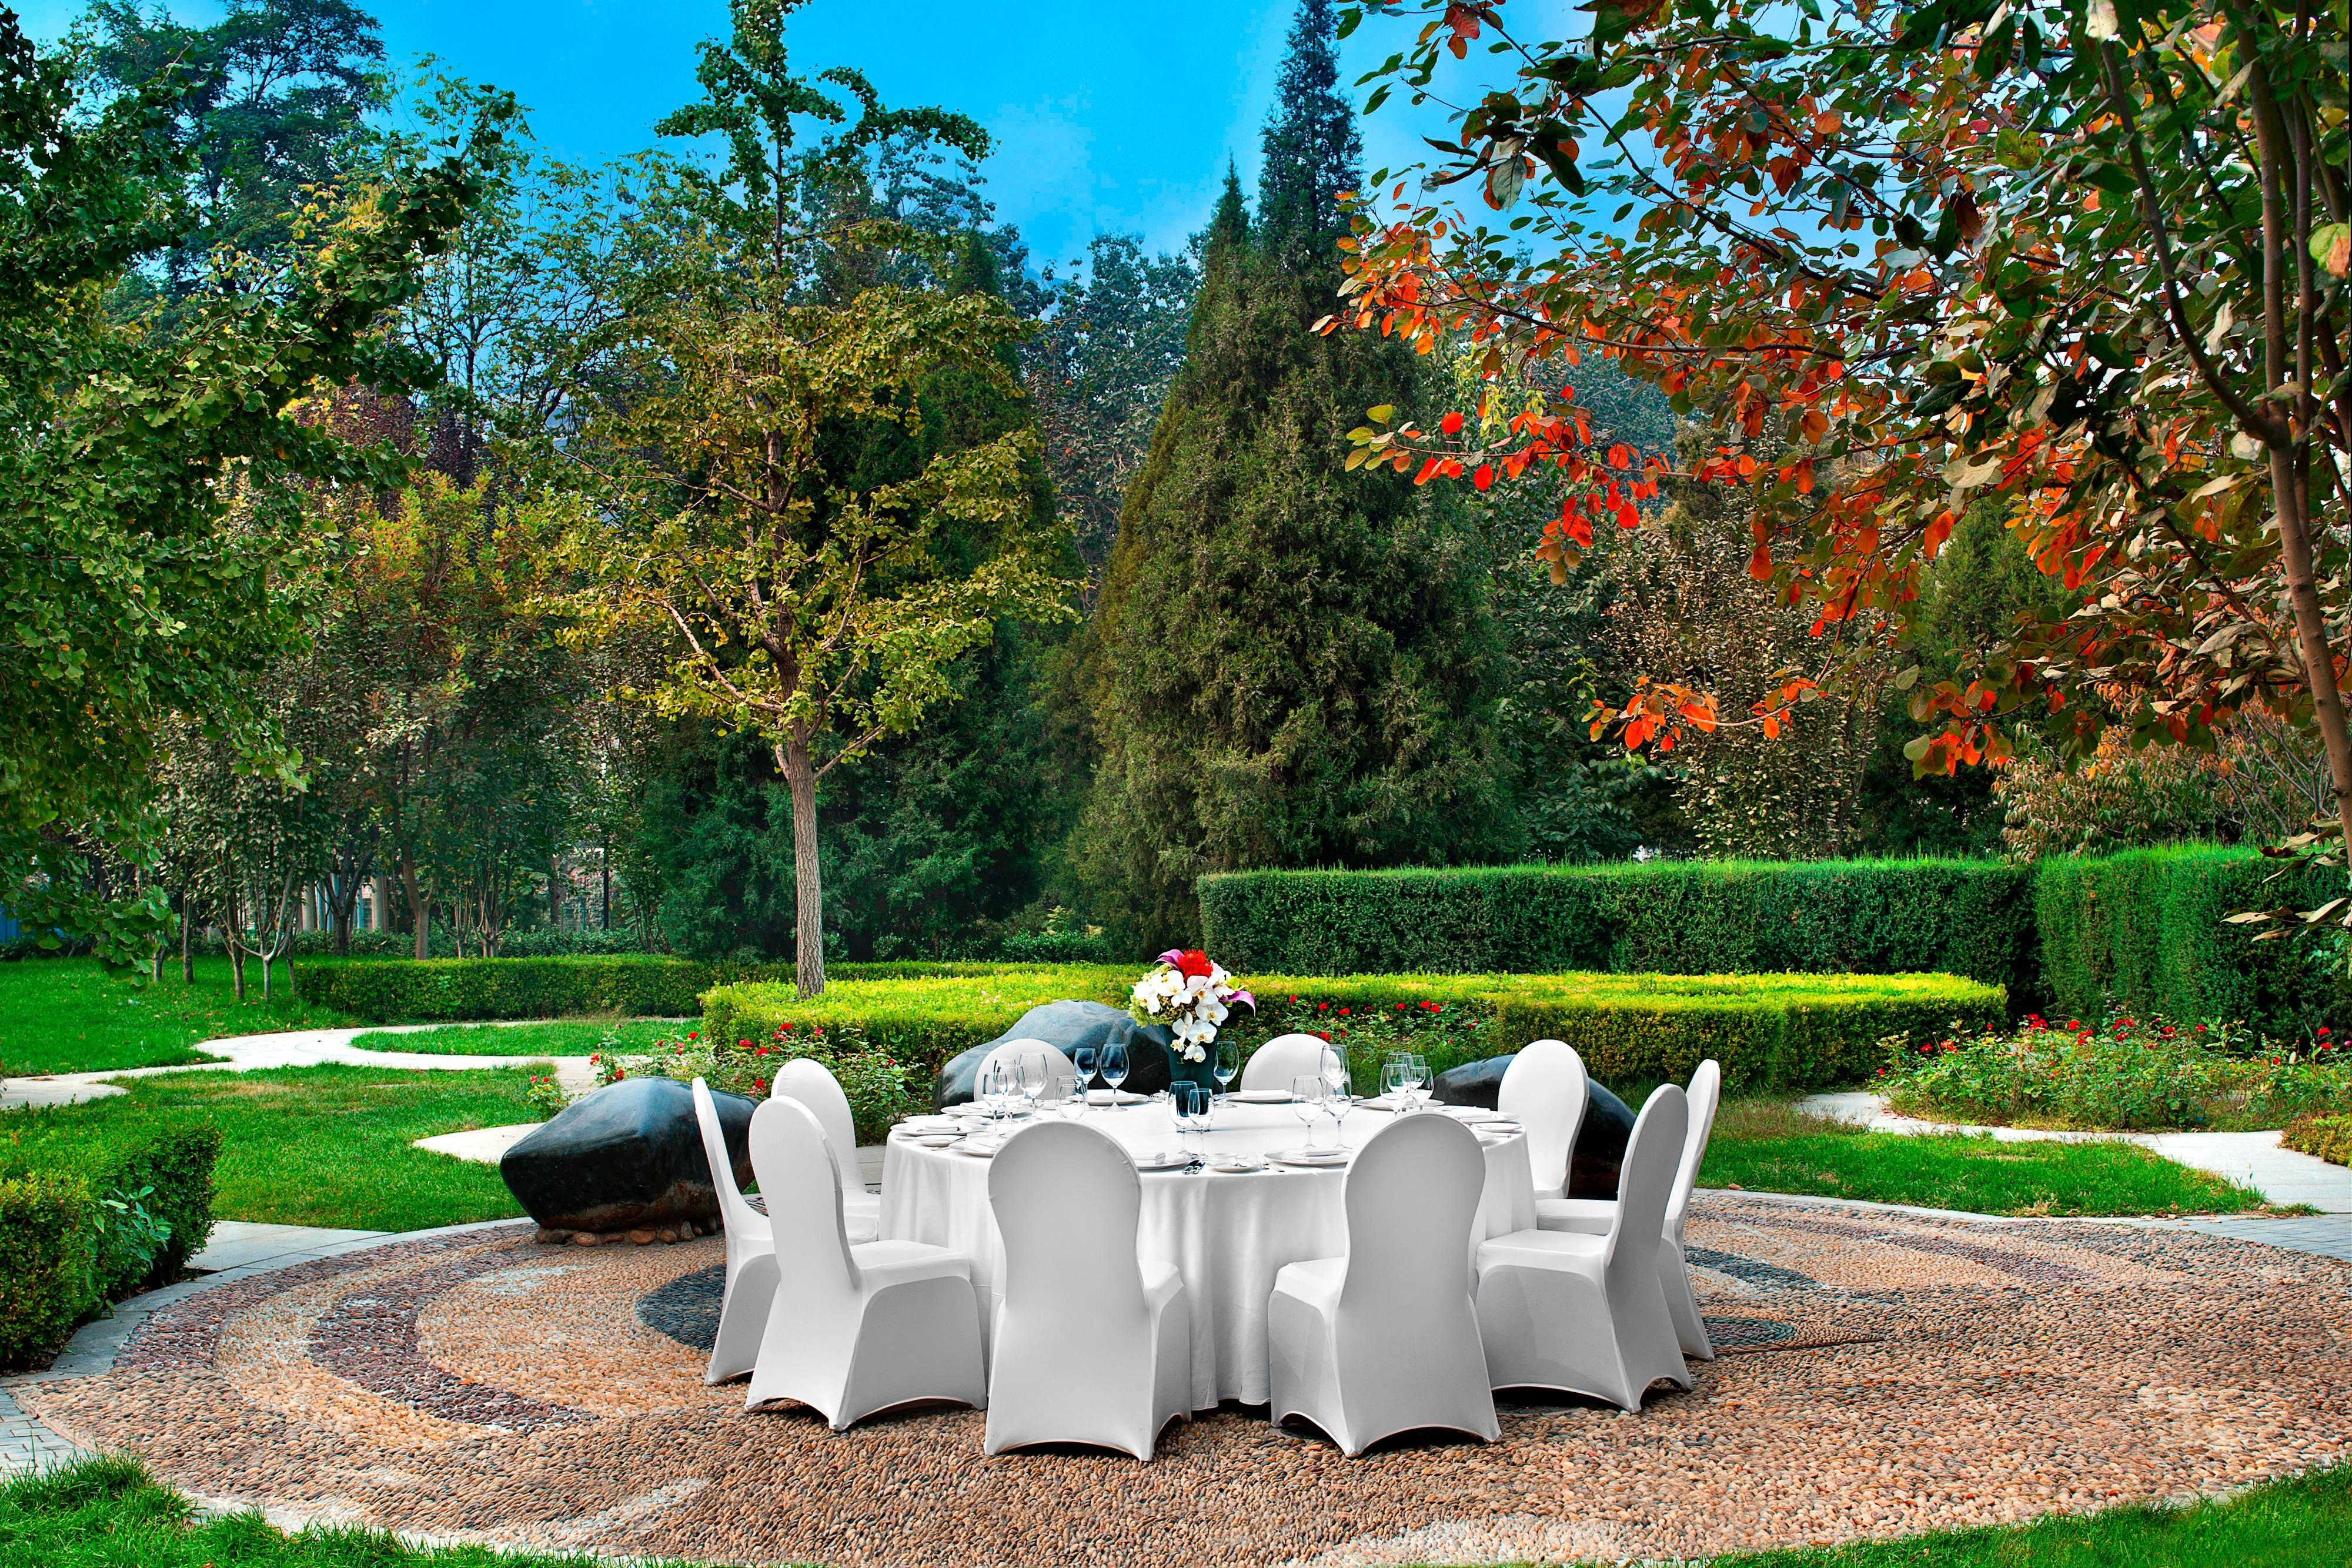 St. Regis Garden Gala Dinner